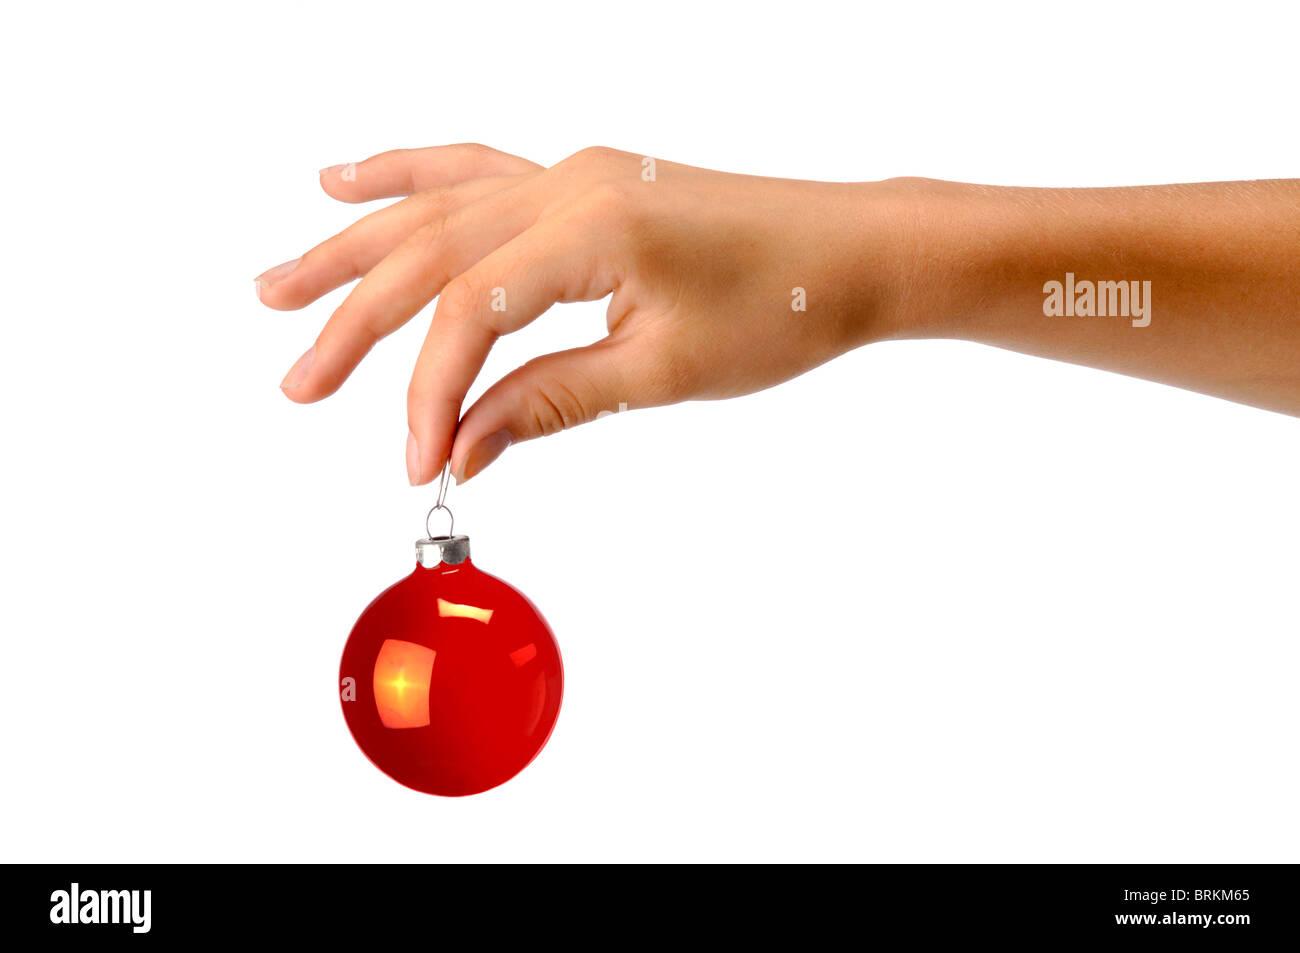 Mano sujetando christman ornamento rojo Imagen De Stock